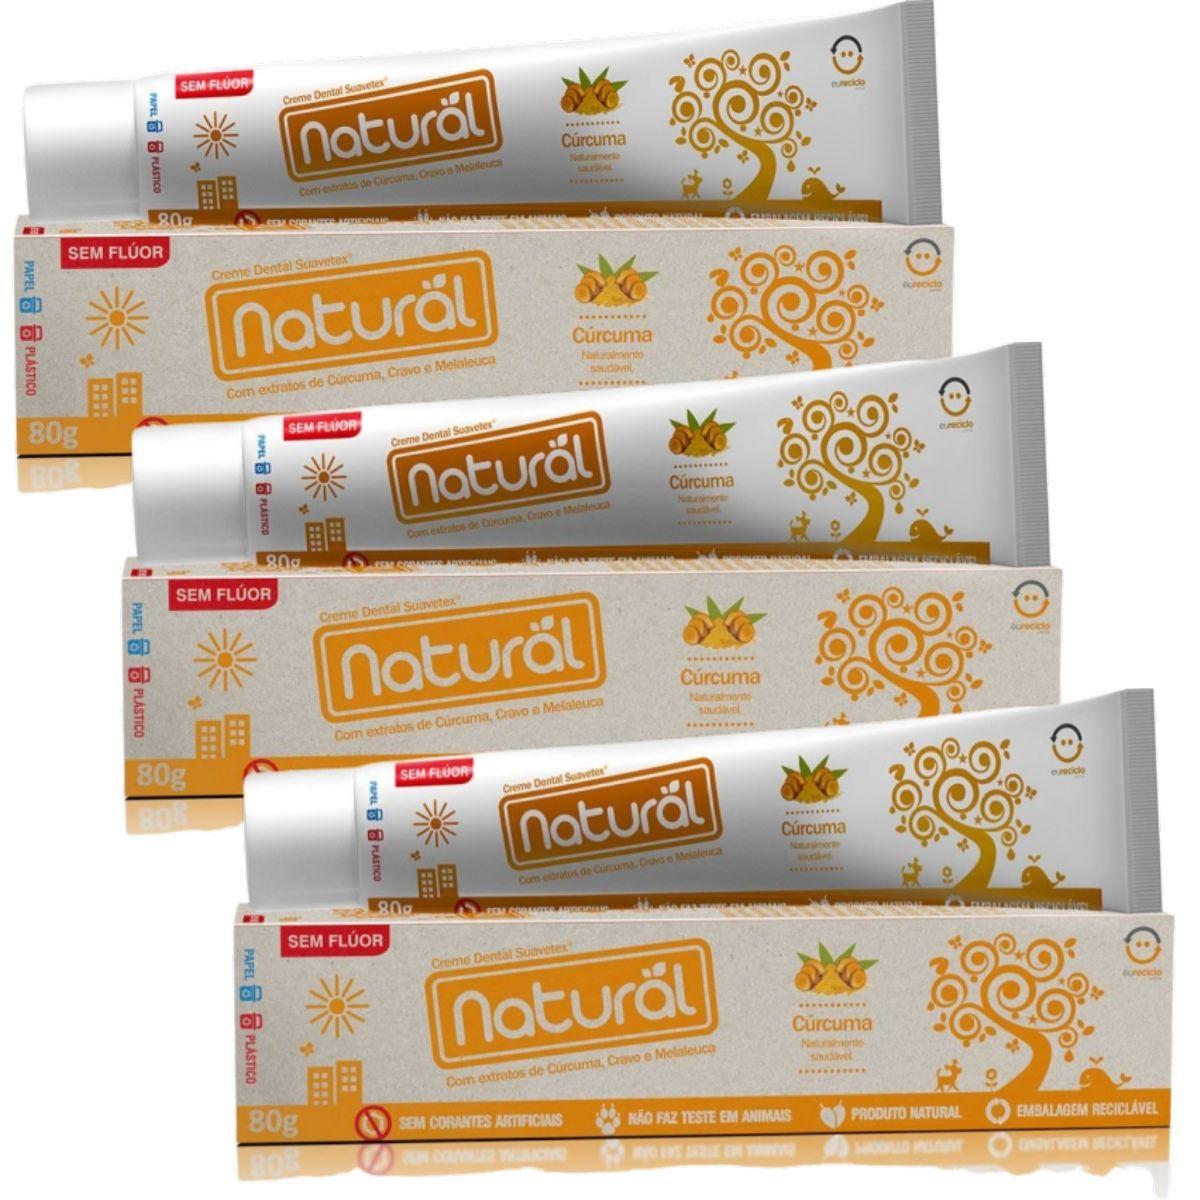 Kit 3 Creme Dental Suavetex Natural C/ Extratos de Curcuma, Cravo e Melaleuca 80g